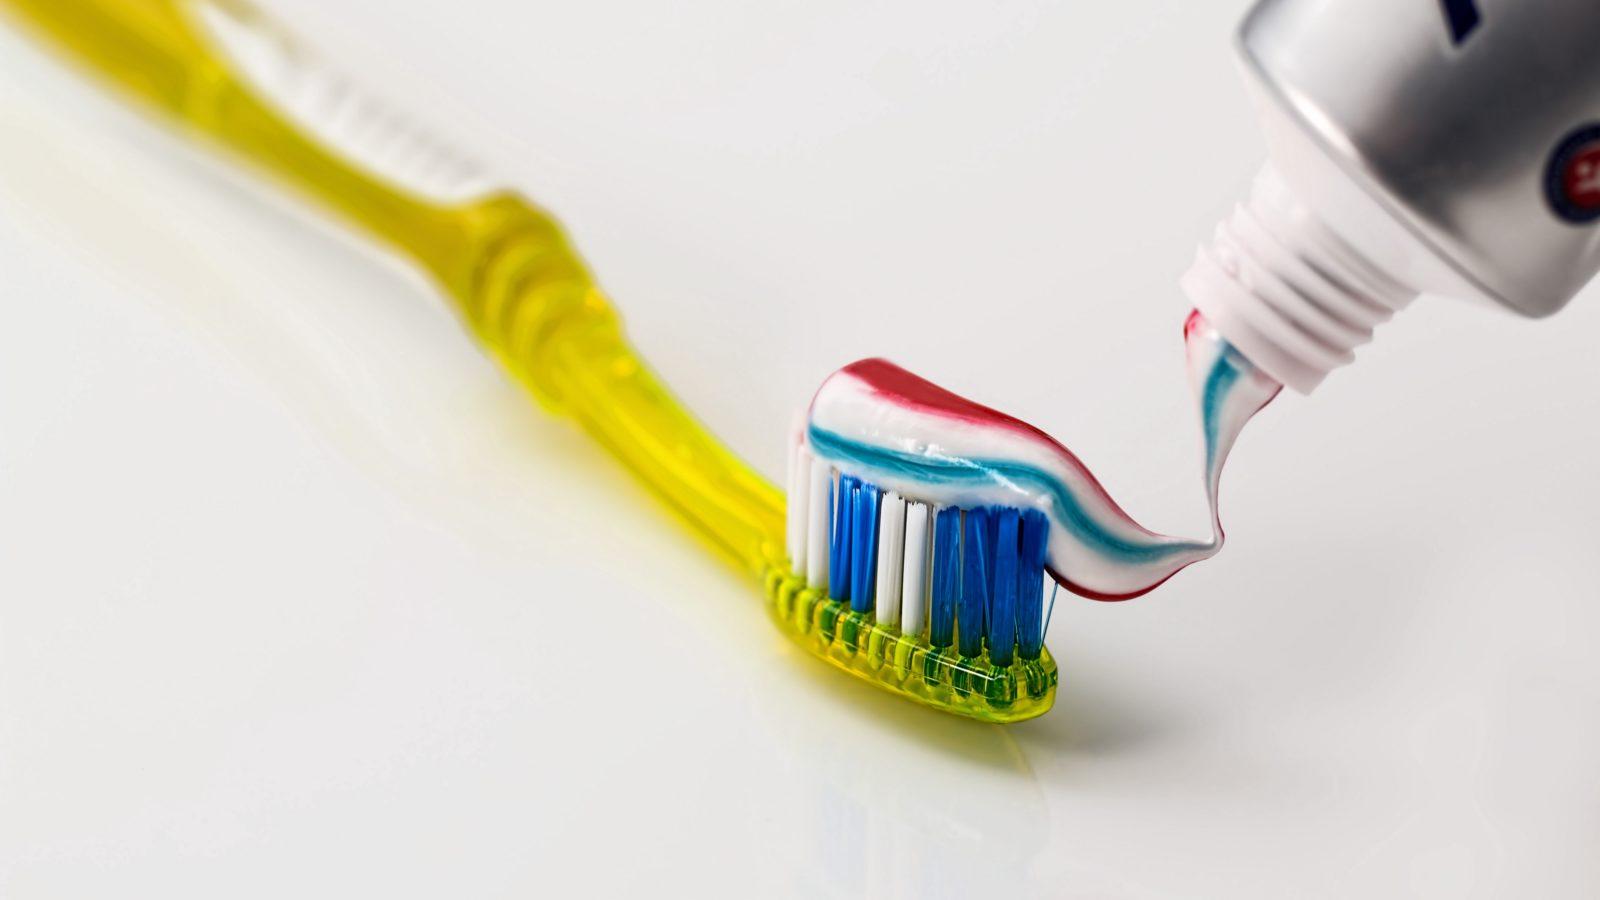 zubnaya shchetka zubnaya pasta gigiena 106582 3840x2160 - Интересные факты о зубной пасте